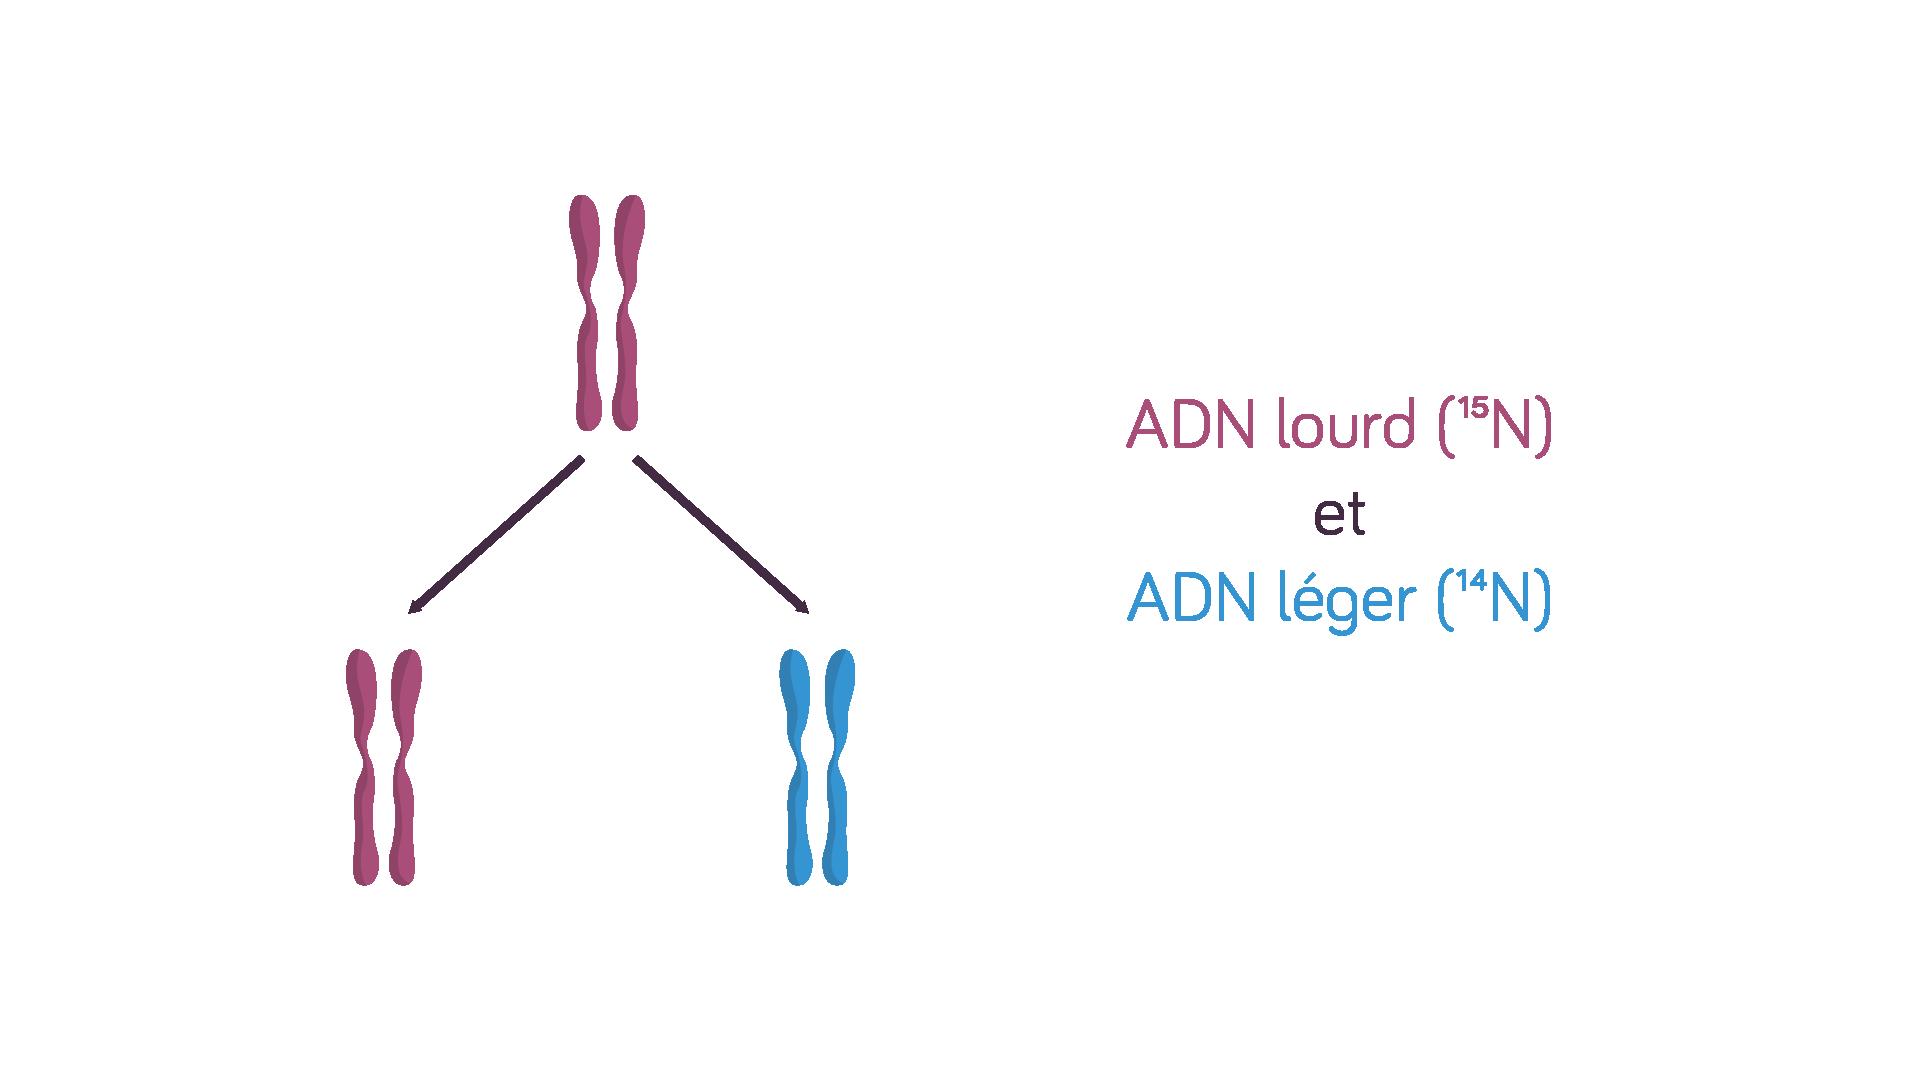 Molécules d'ADN lourdes et légères